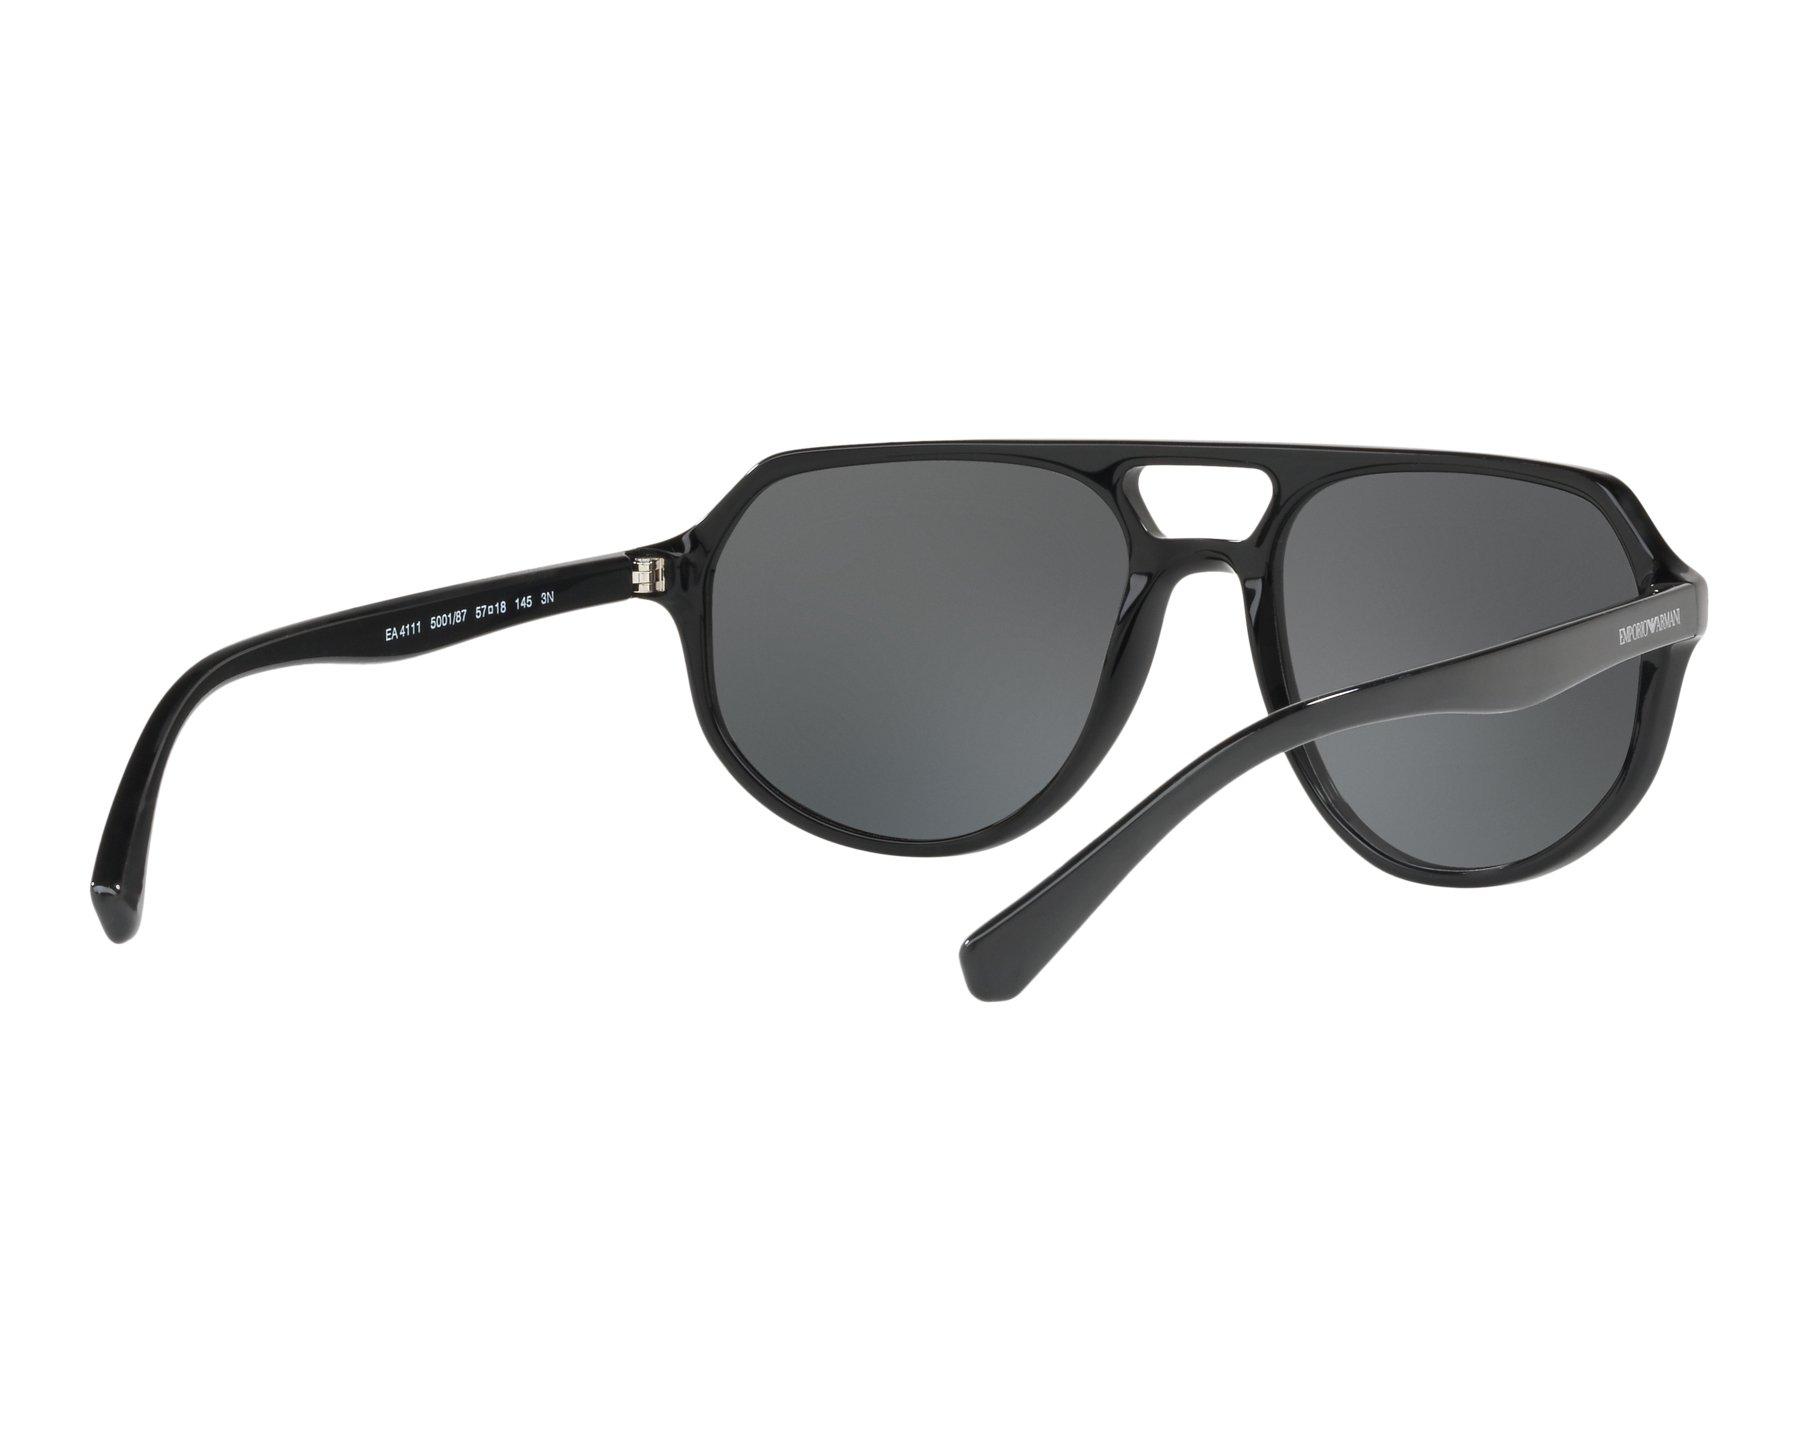 8493adc6f38 Sunglasses Emporio Armani EA-4111 500187 57-18 Black 360 degree view 8